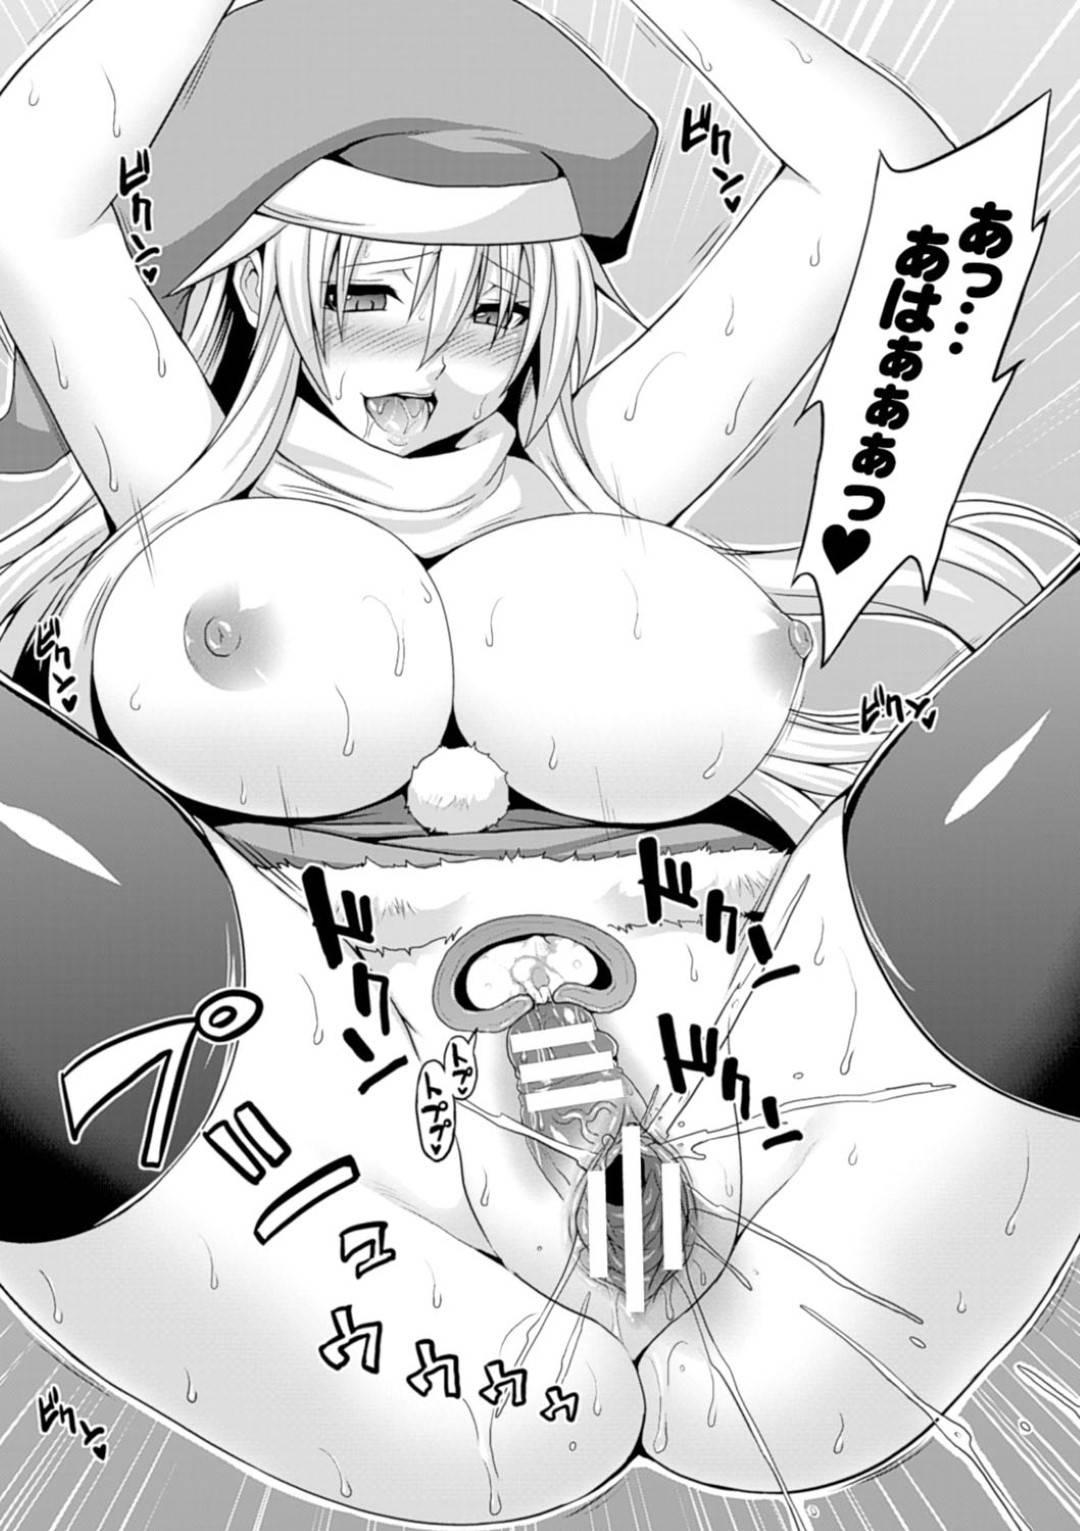 【エロ漫画】とある裏サイトに登録するとやって来る童貞サンタ…爆乳でサンタコスをした女は童貞を逆レイプする痴女だった!魔法のオナホールを使い童貞チンポを巨大化!さらに射精抑制コンドームを付けてサンタ女のイキたい時にイカせるSっぷり!童貞チンポで何度も中出しセックスを愉しむ!【ソメジマ】